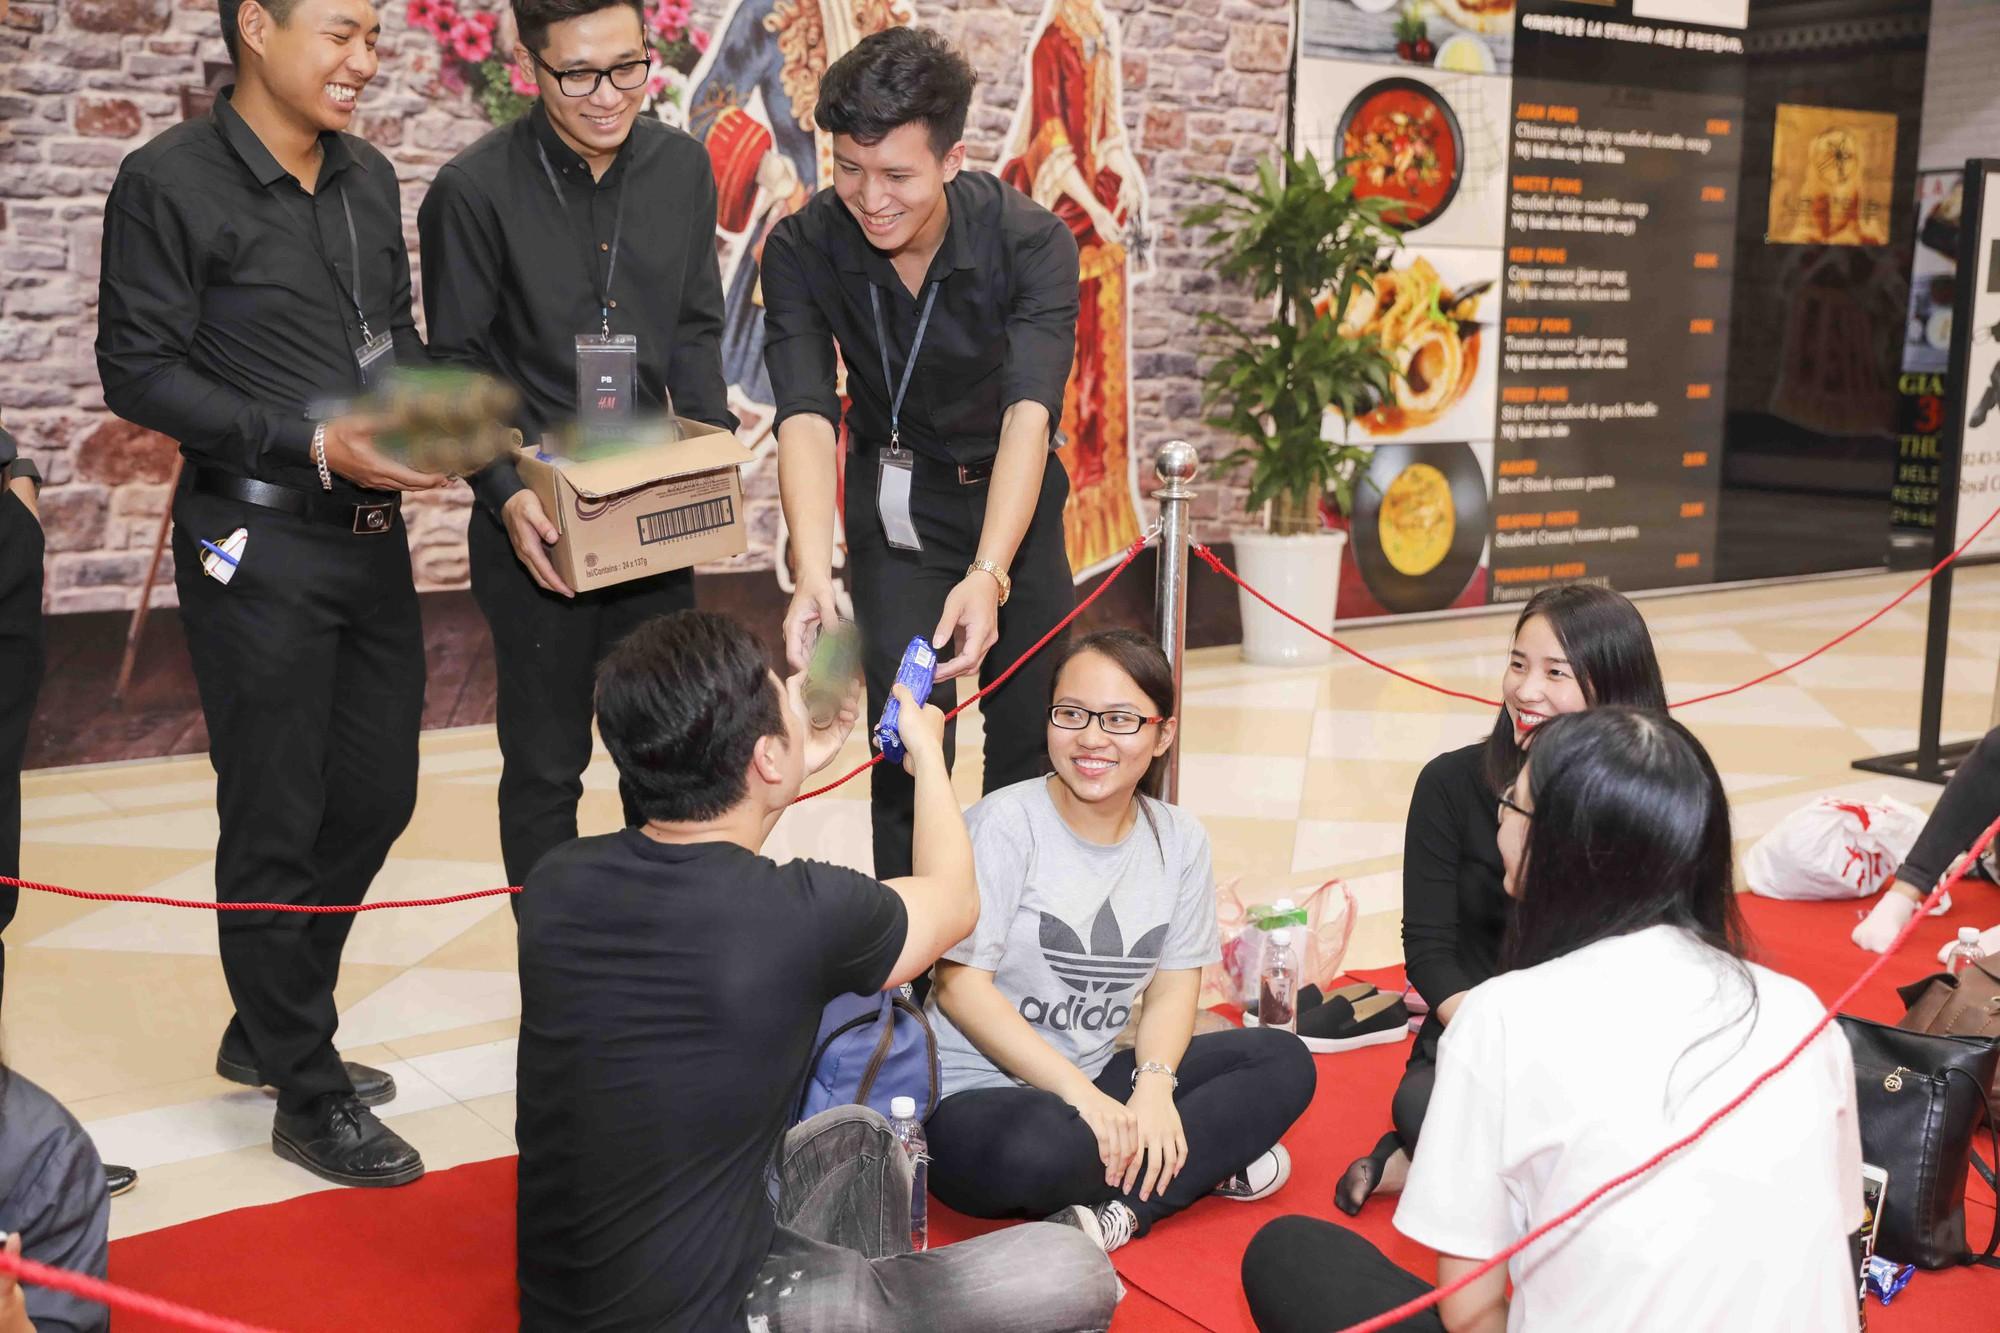 Khai trương H&M Hà Nội: Có hơn 2.000 người đổ về, các bạn trẻ vẫn phải xếp hàng dài chờ được vào mua sắm - Ảnh 38.